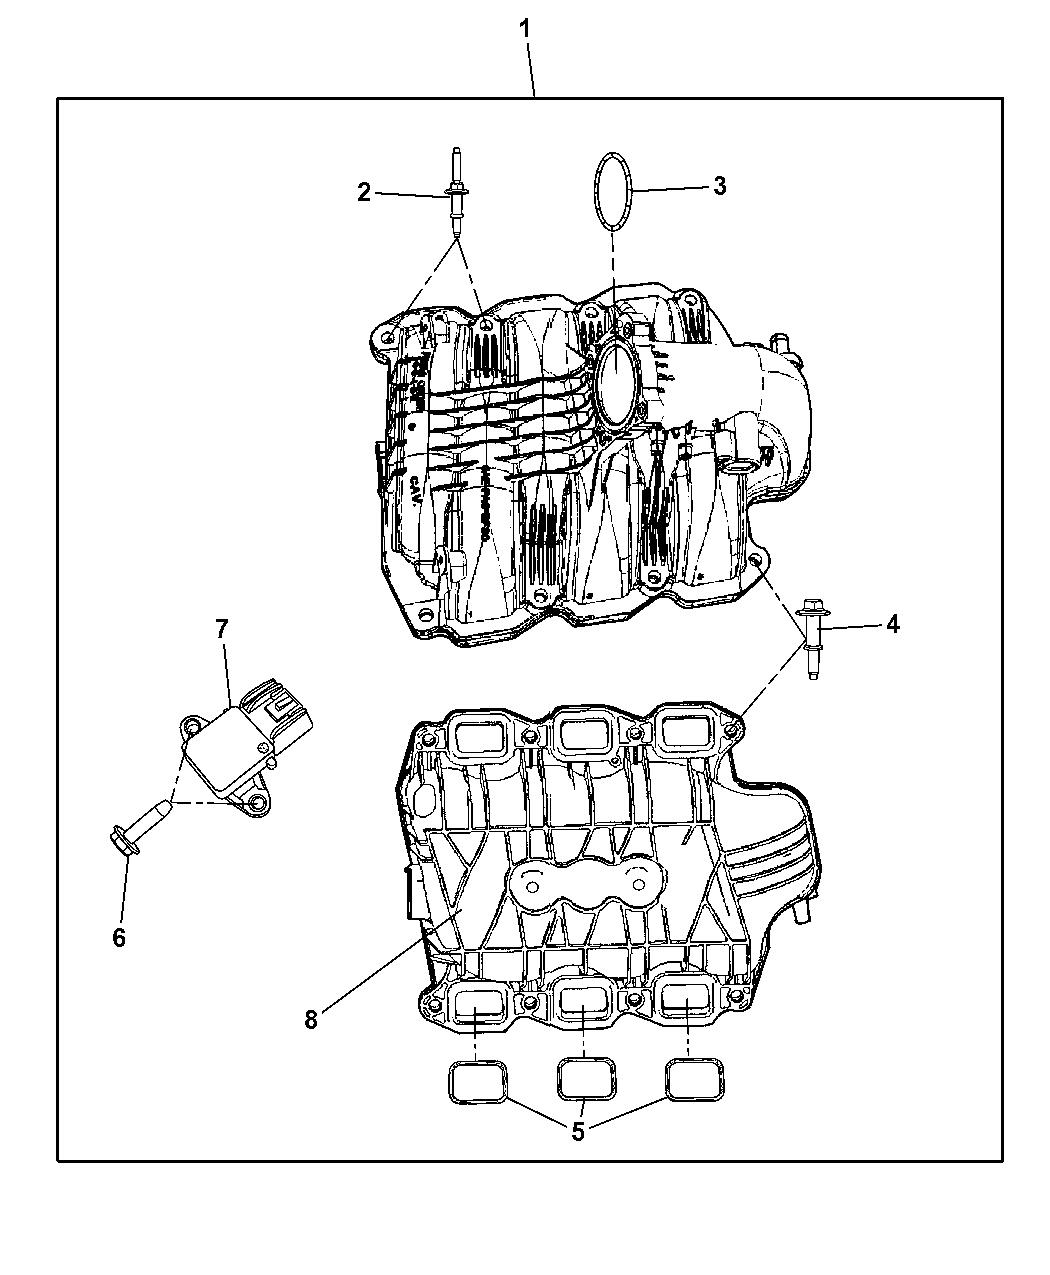 2007 Dodge Durango Engine Diagram